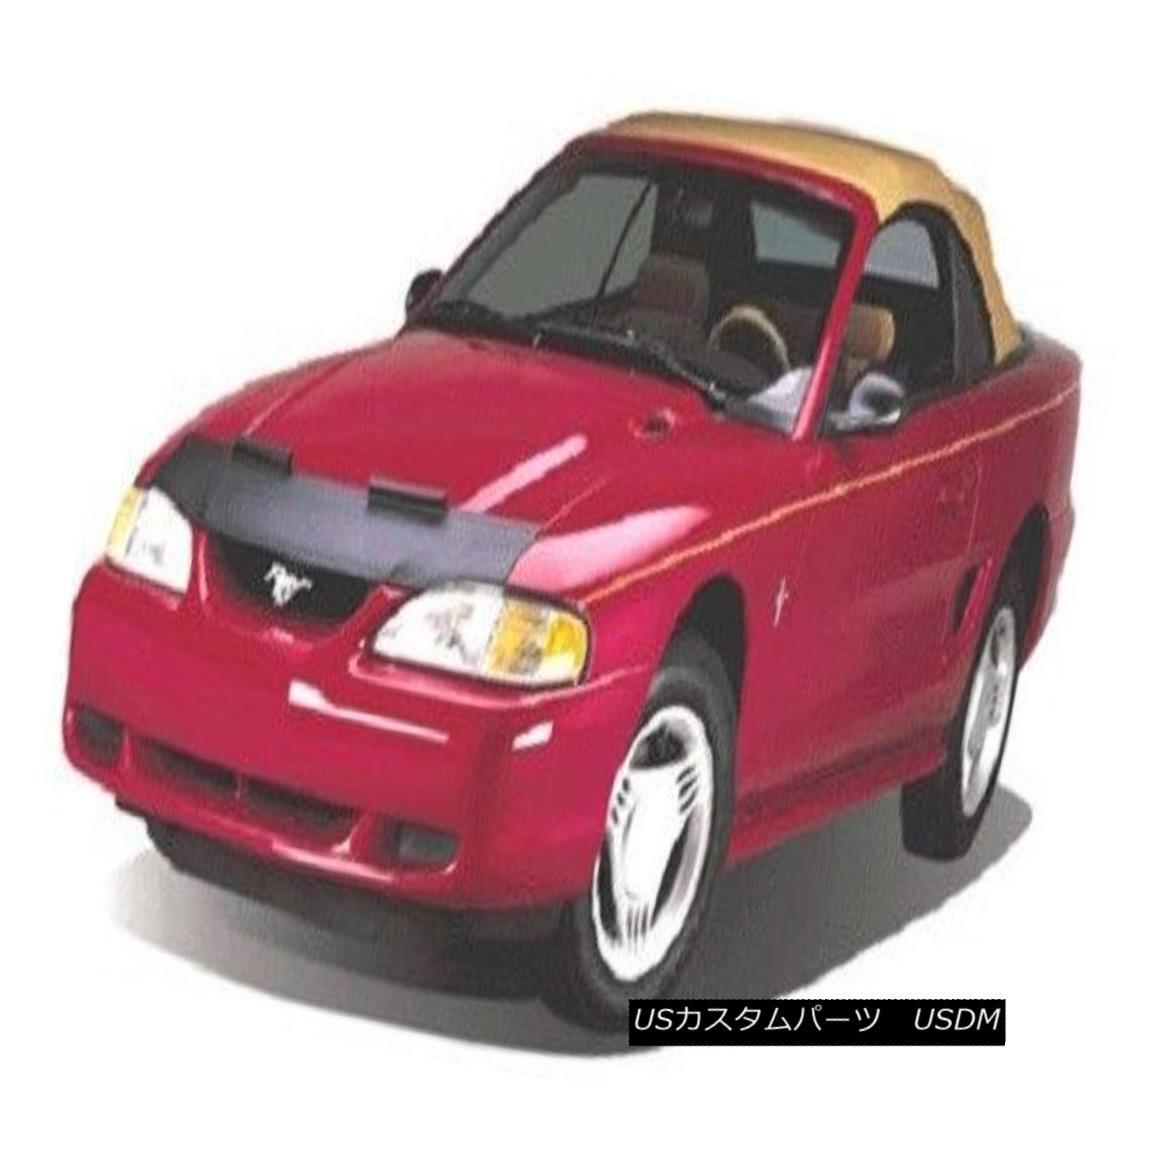 フルブラ ノーズブラ Lebra Hood Protector Mini Mask Bra Fits Honda Civic 4 Door Sedan 1992-1995 LebraフードプロテクターミニマスクブラはHonda Civic 4 Door Sedan 1992-1995に適合